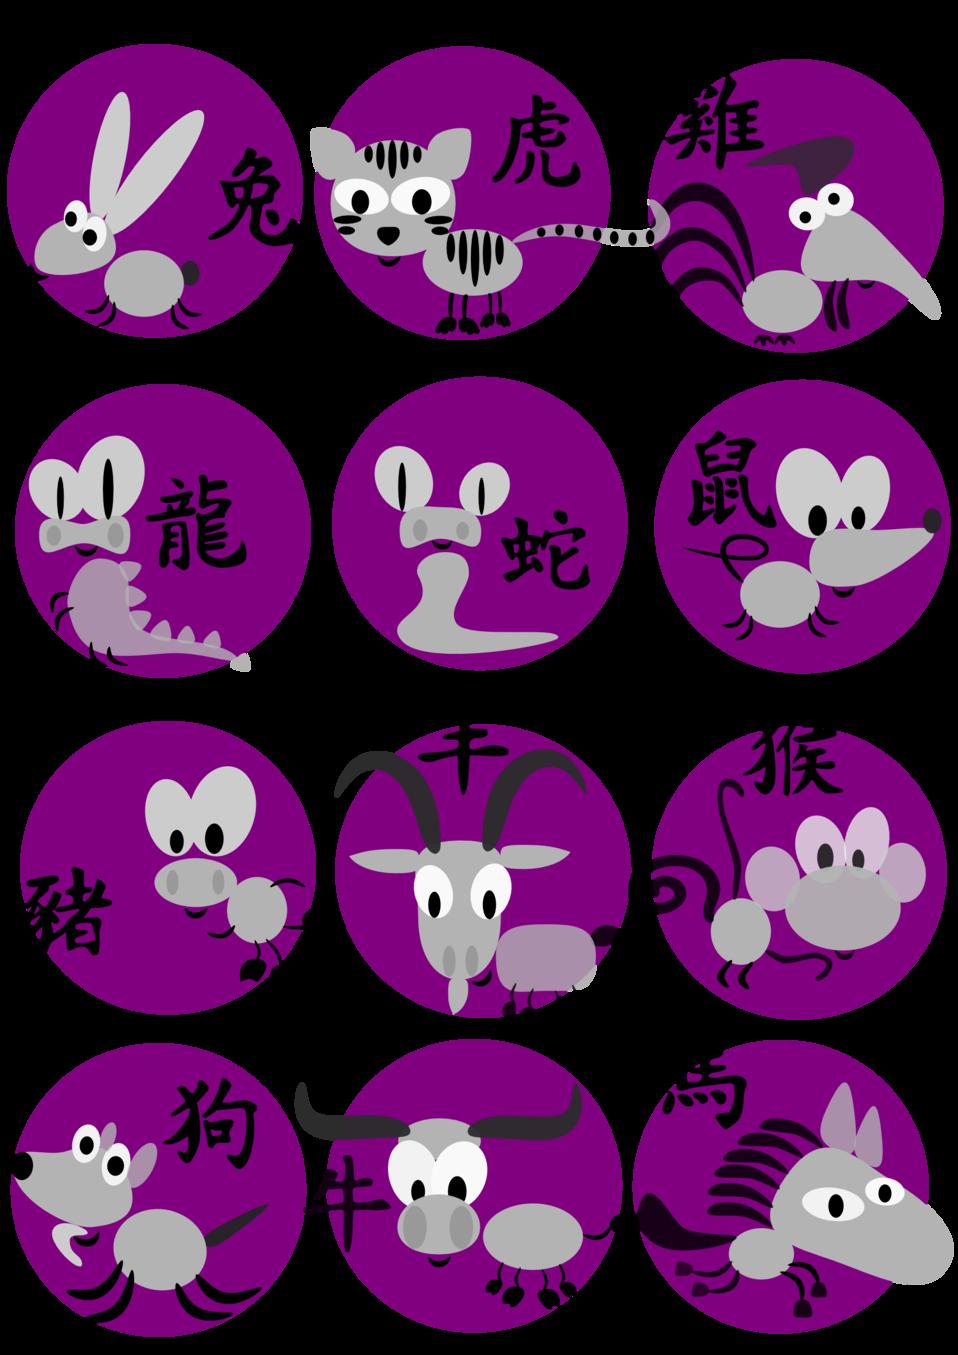 Chinese horoscope animals